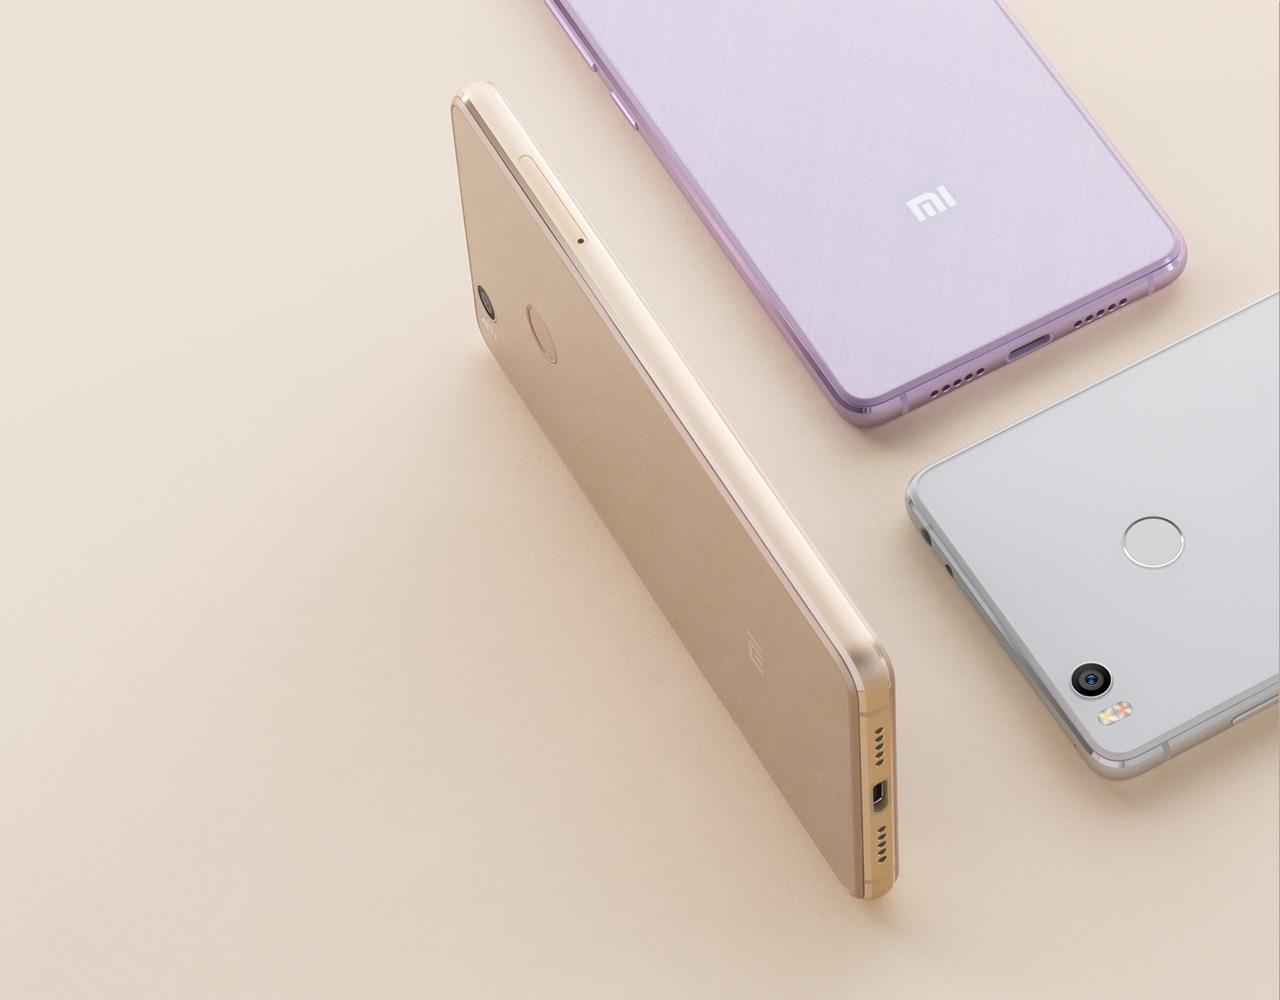 Xiaomi 4s có giá bán tốt nhất tại Techone